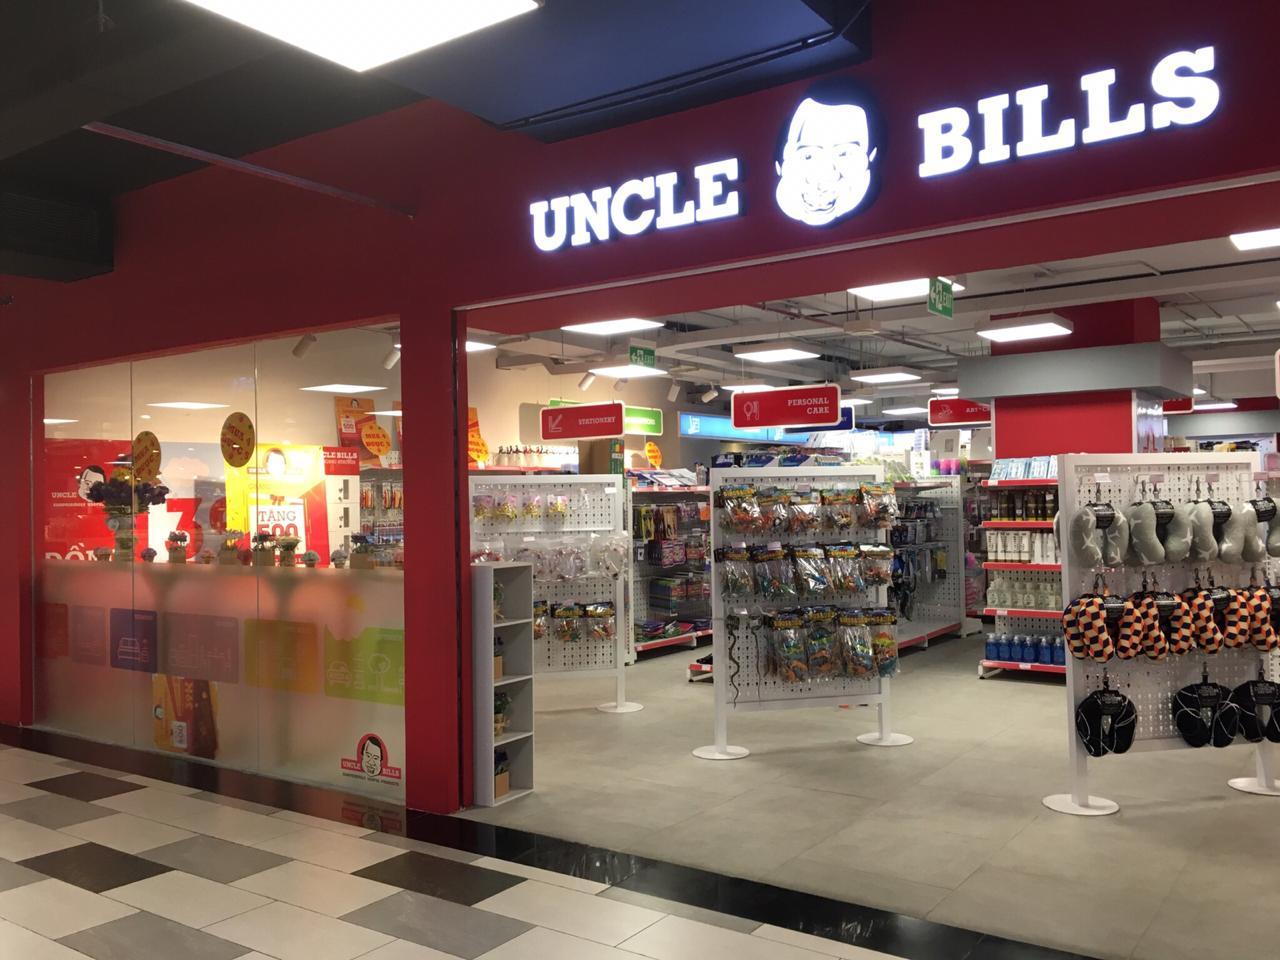 【Uncle Bills】がホーチミンのギガモールにオープン!!